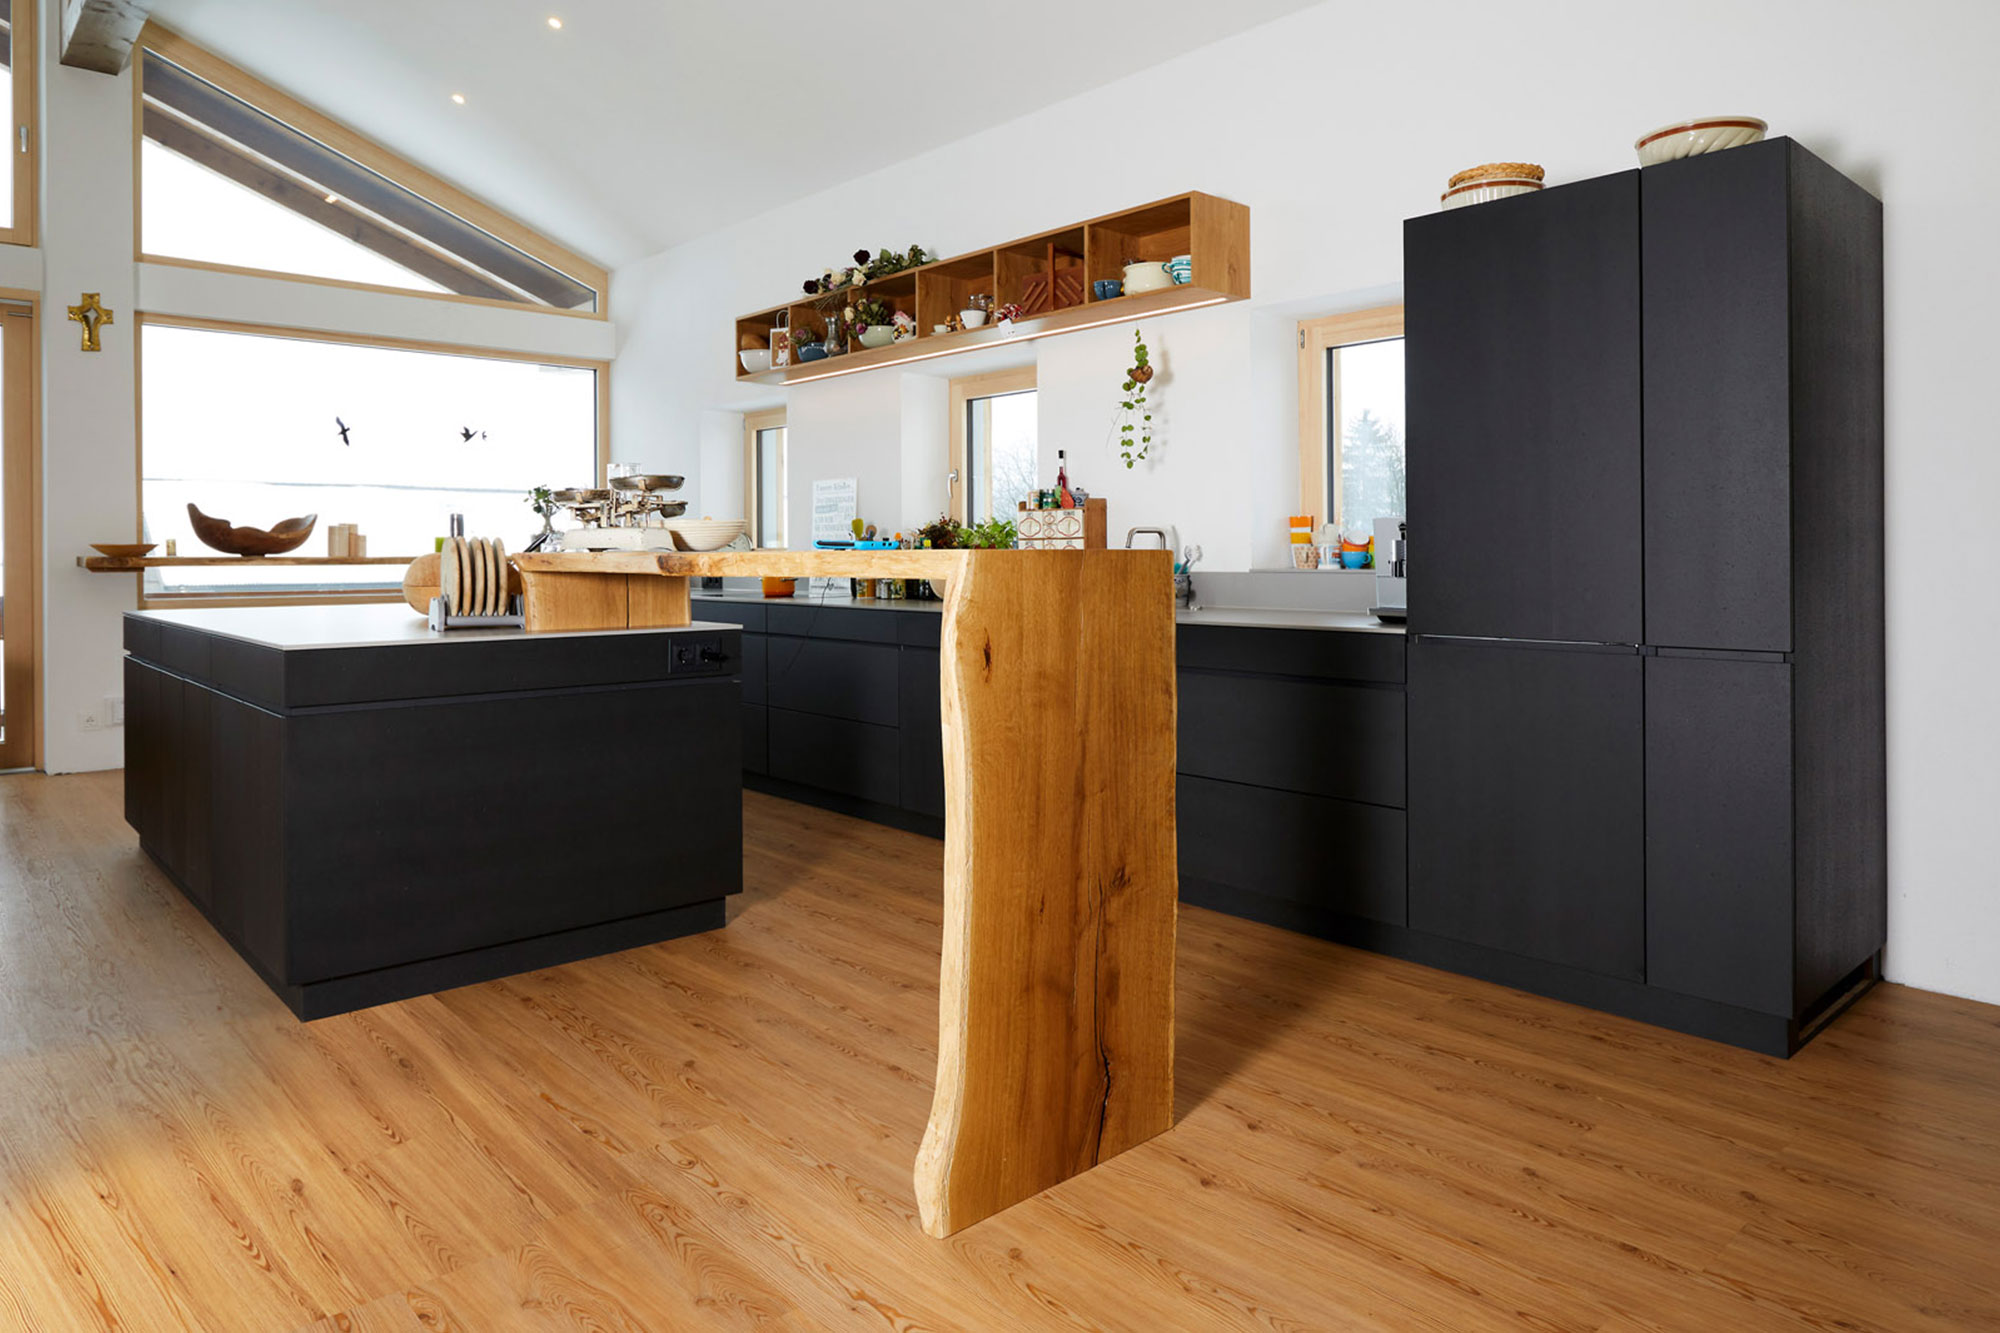 Tischlerei Stöckl Ebbs Wohnküche Echtbeton Küchenausstattung Küche Inneneinrichtung Möbel Quooker